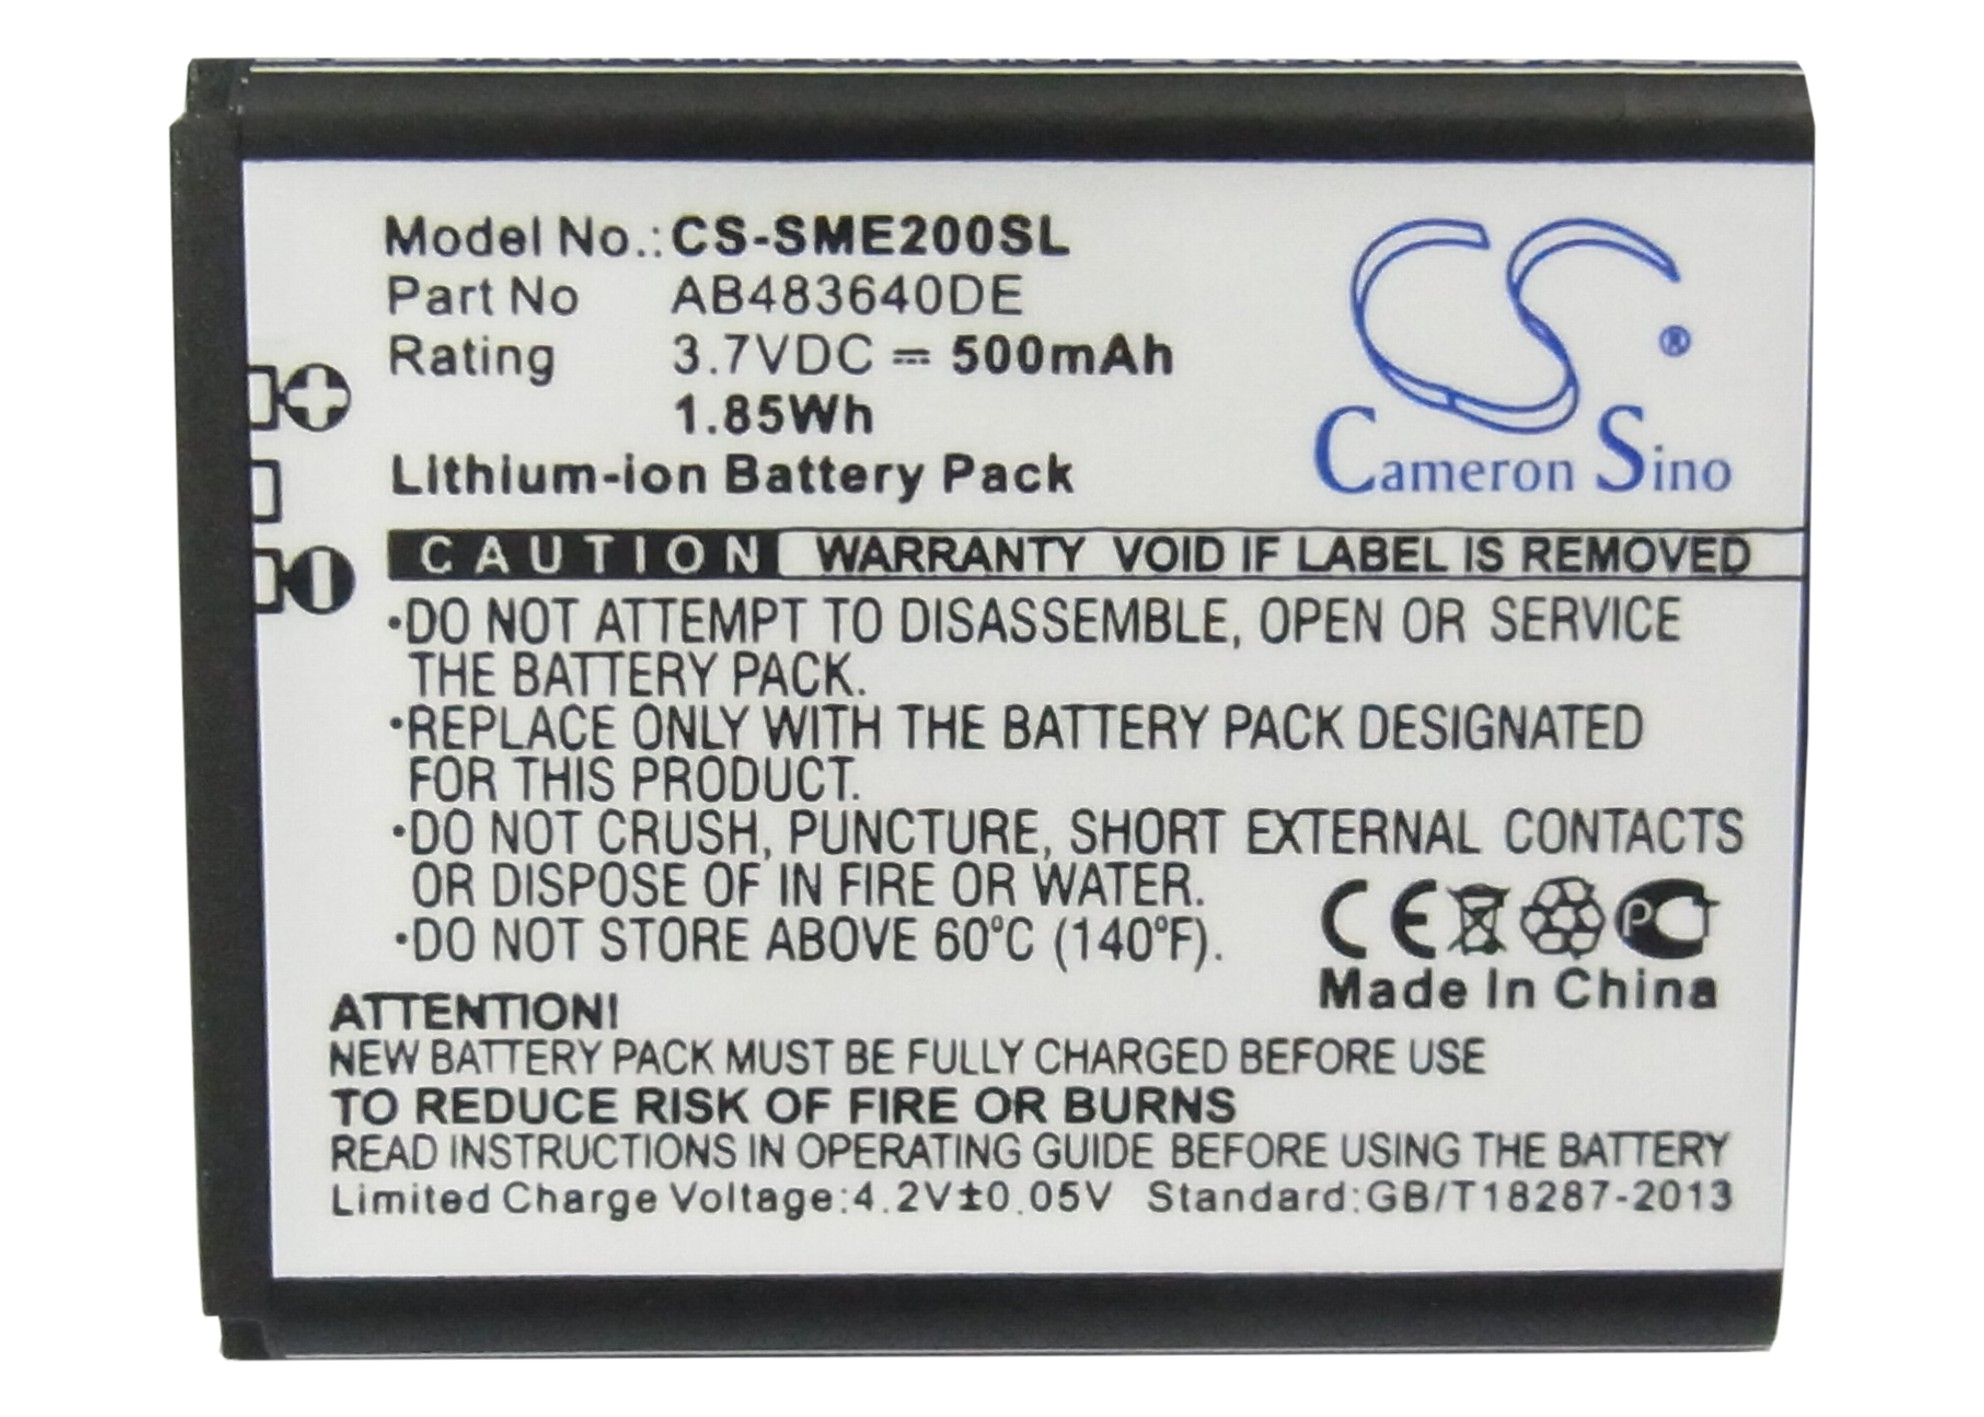 Cameron Sino 500mAh Battery AB483640CC, AB483640DE, AB483640DU for Samsung E200 Eco, SCH-S259, SGH-E200, SGH-E208, SGH-J150